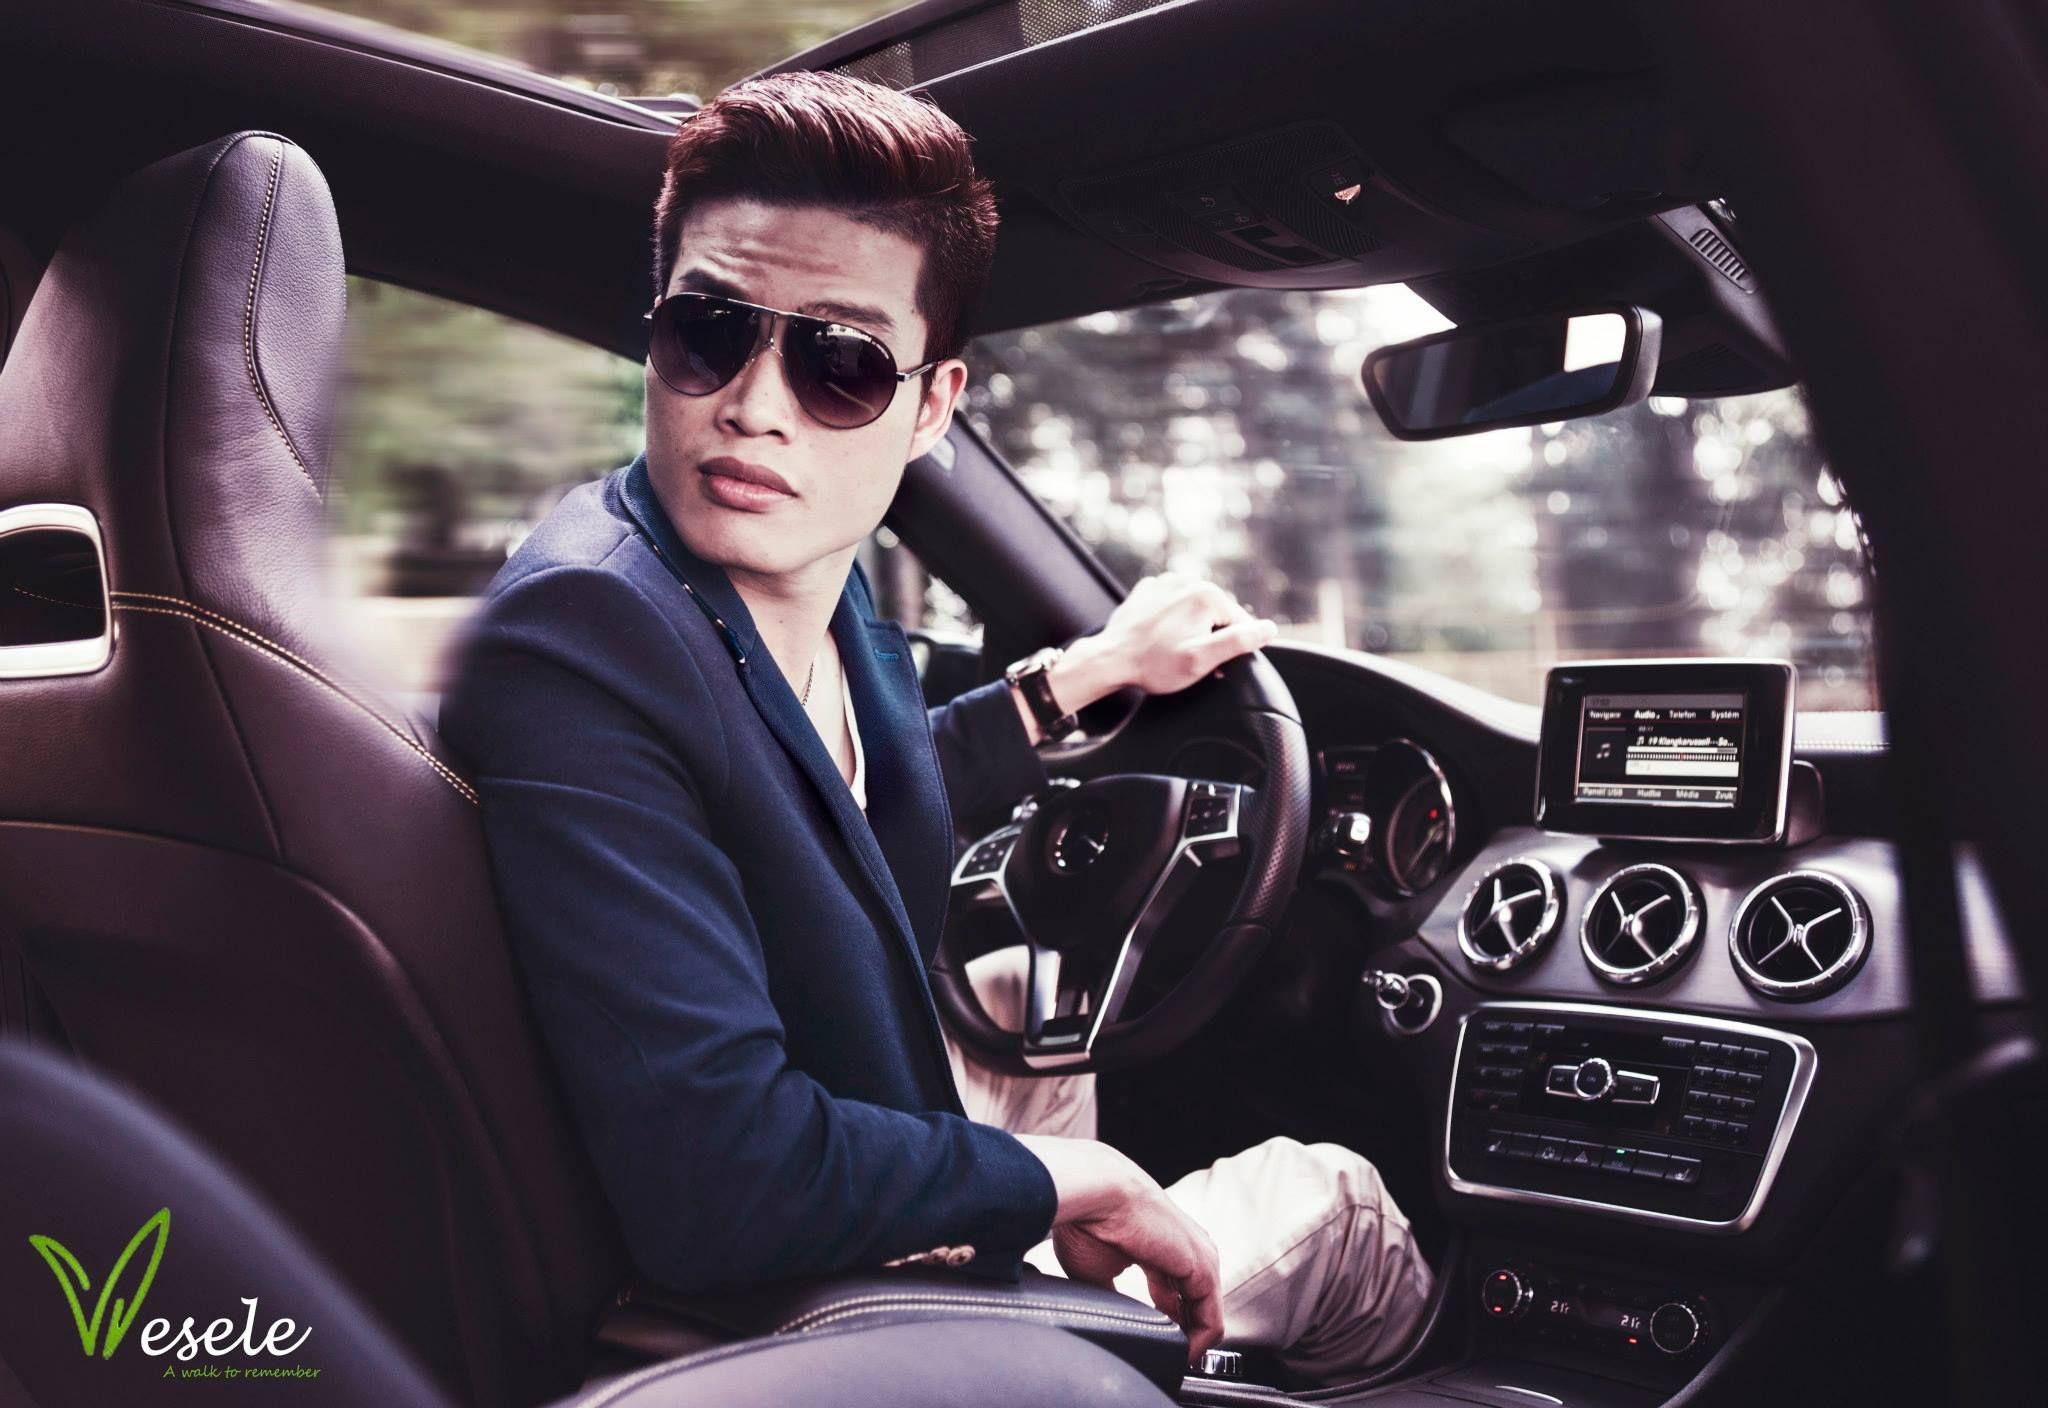 профессиональный фотограф, позы для фото с машиной мужчины поперечная